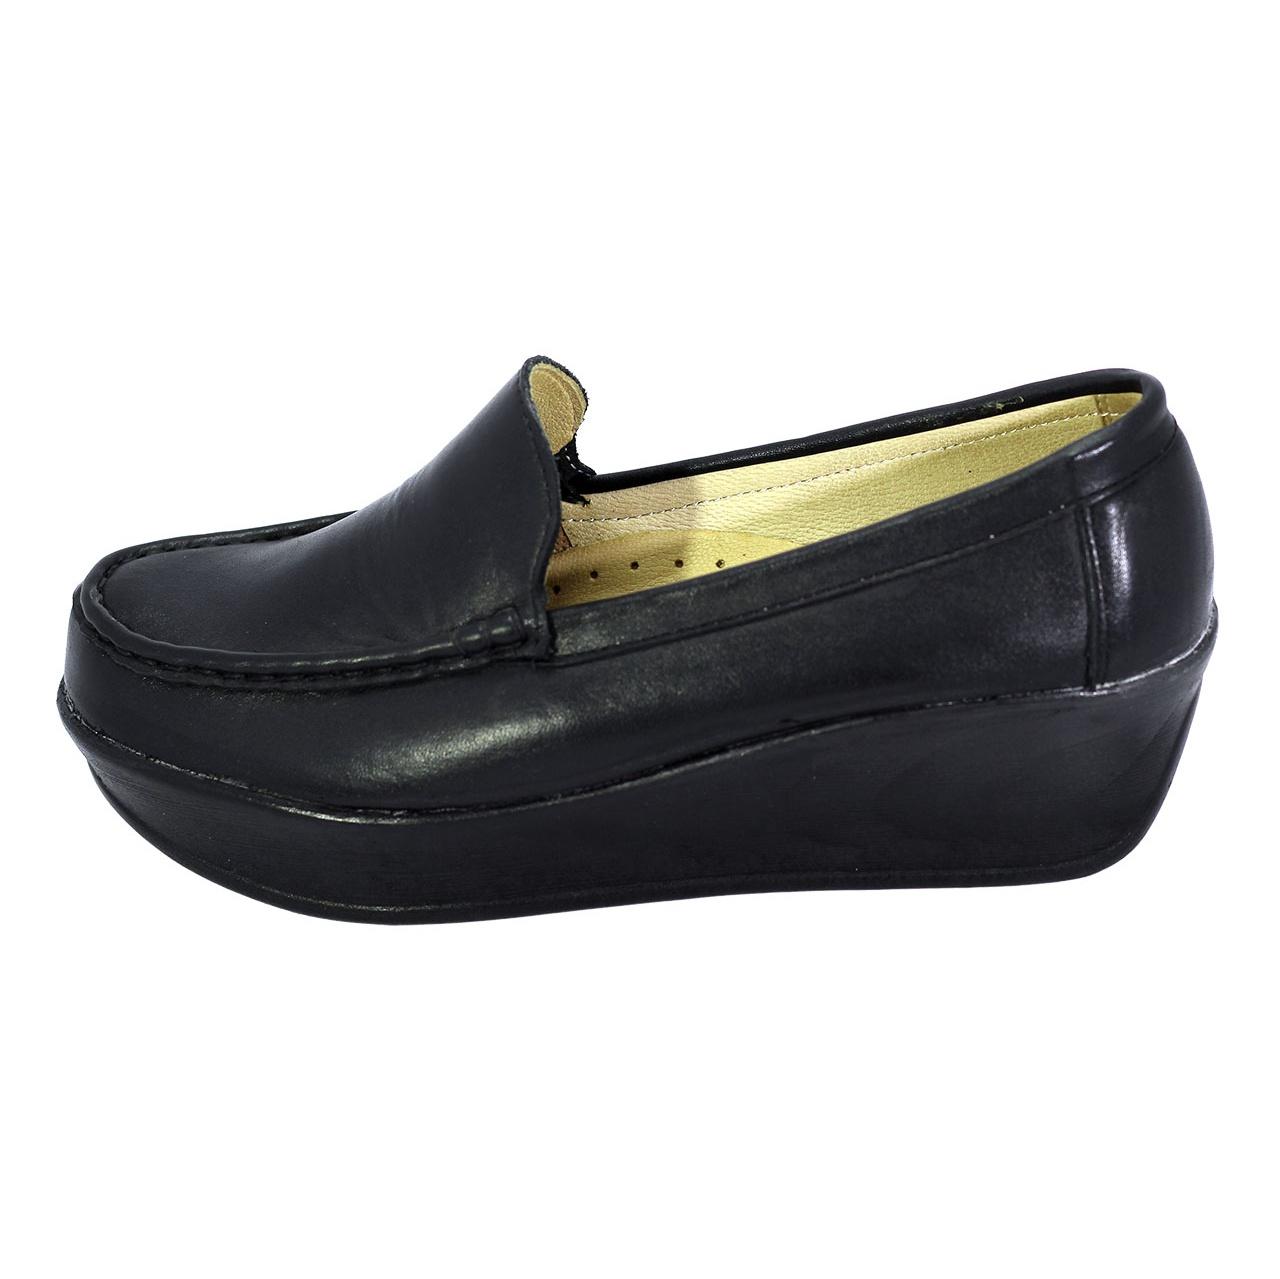 کفش طبی زنانه شهرام طب مدل 106 کد 9